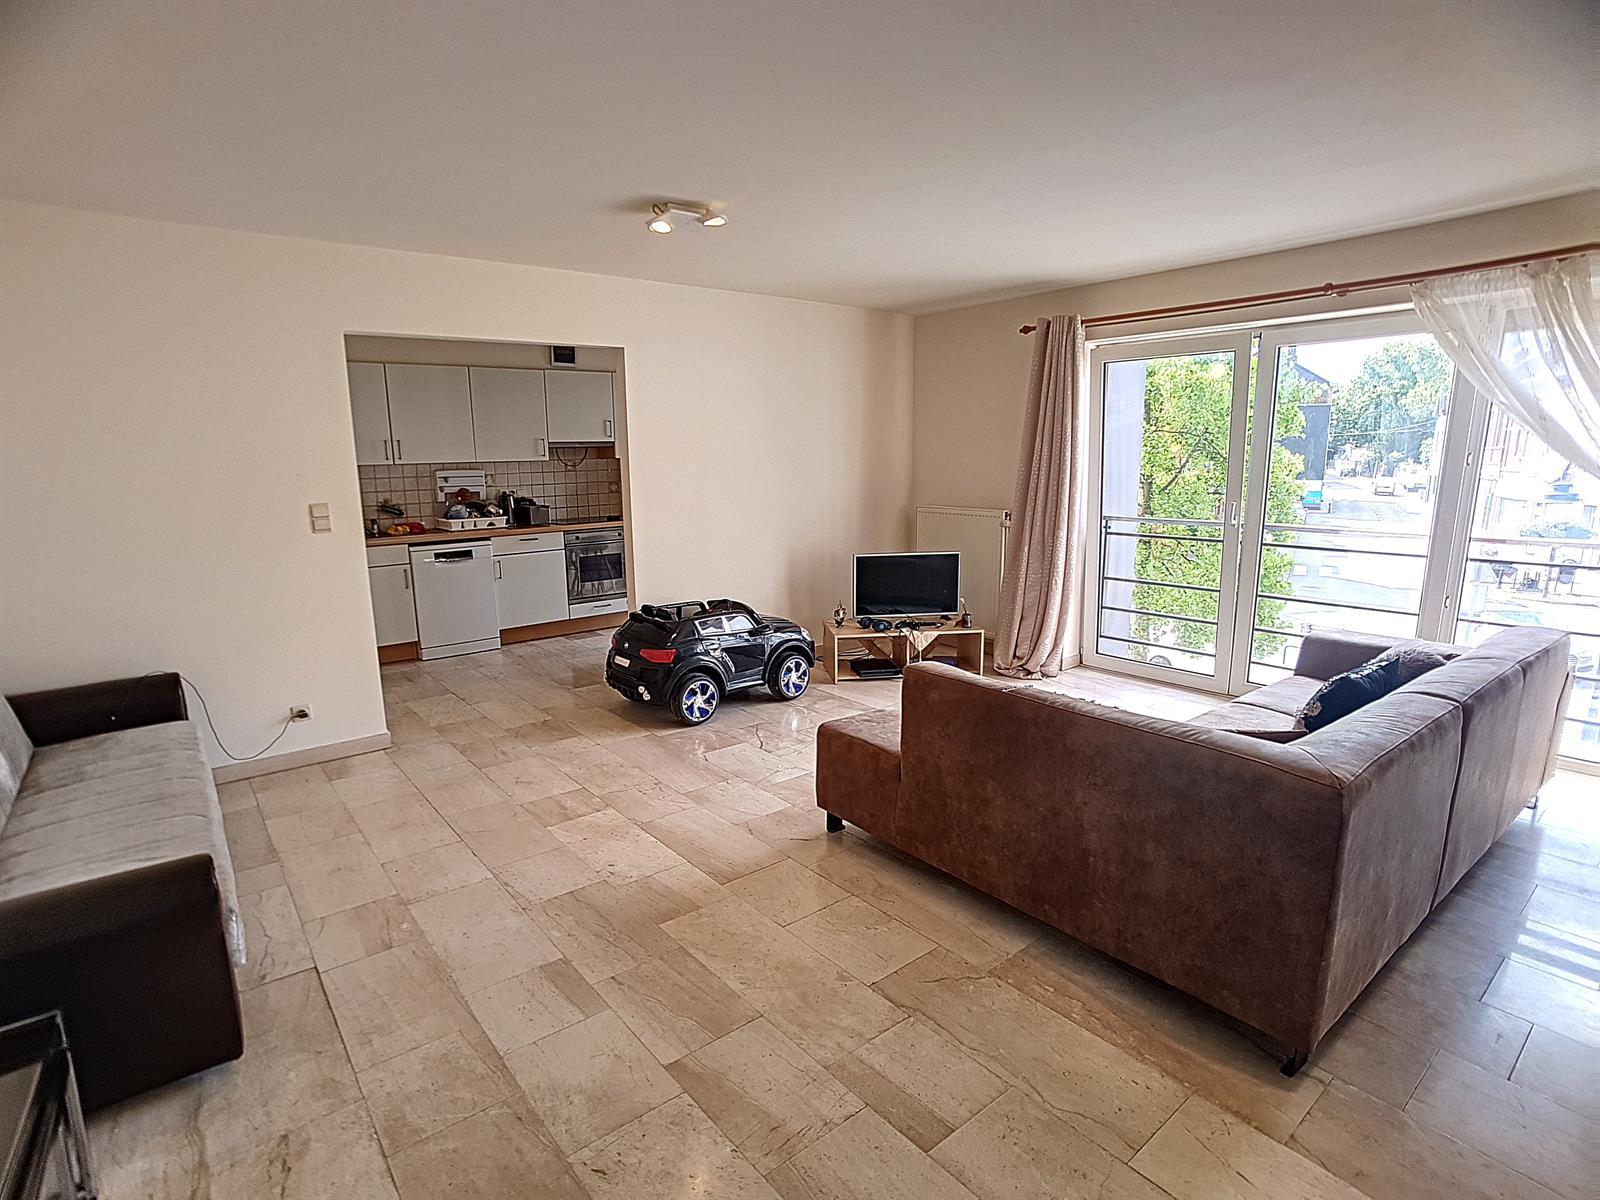 Appartement - Court-St.-Etienne - #3847212-10